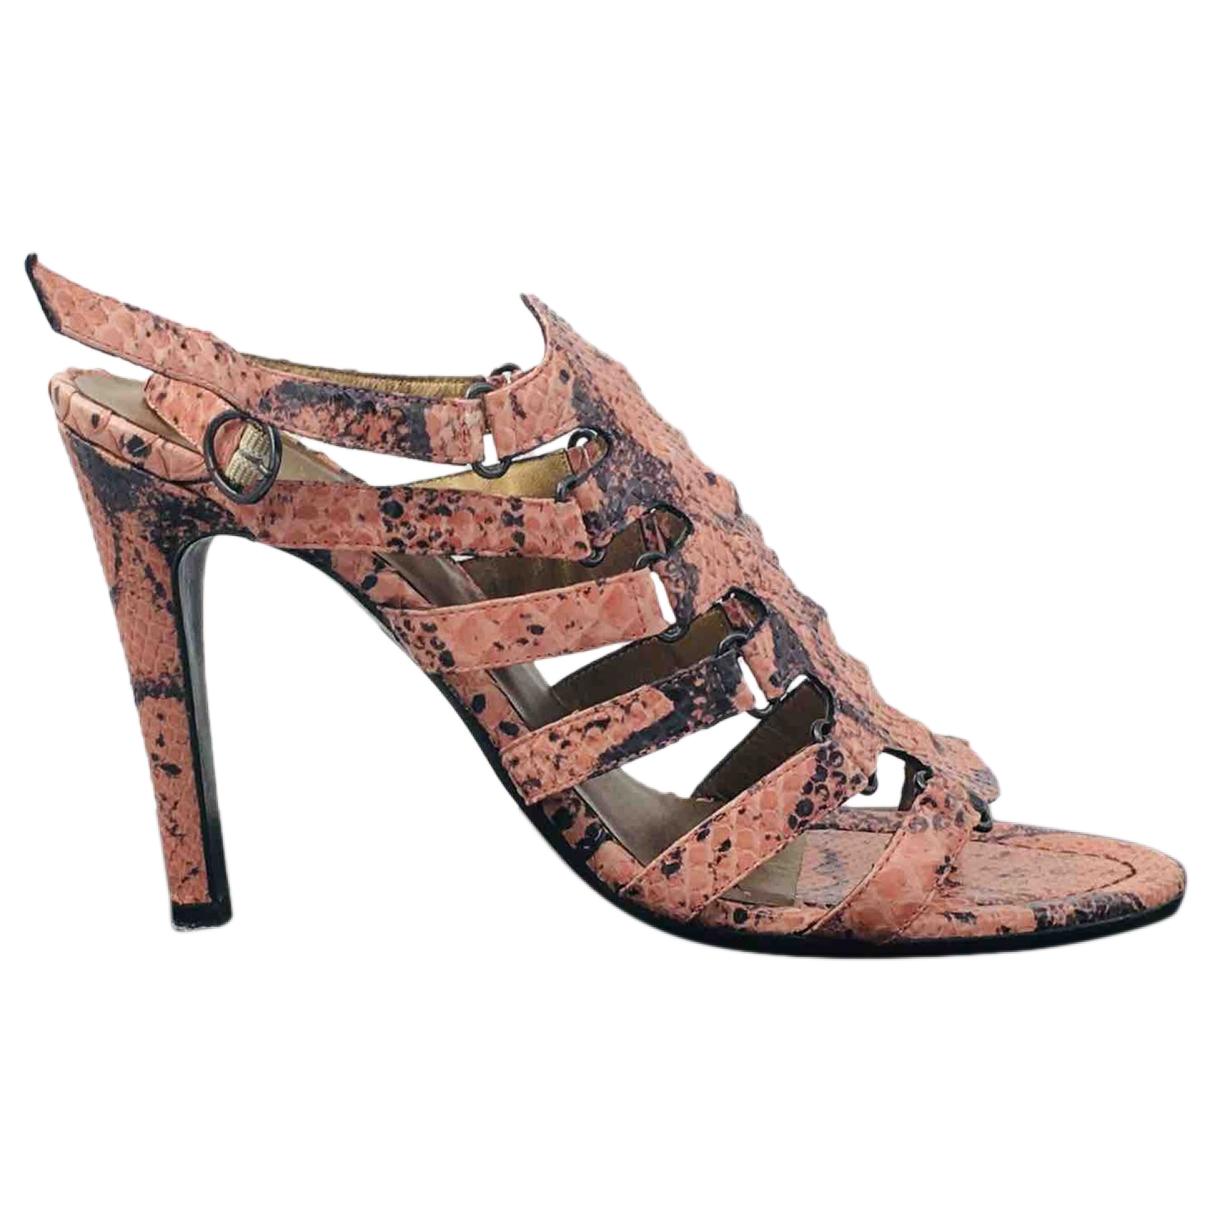 Bottega Veneta - Sandales   pour femme en python - rose